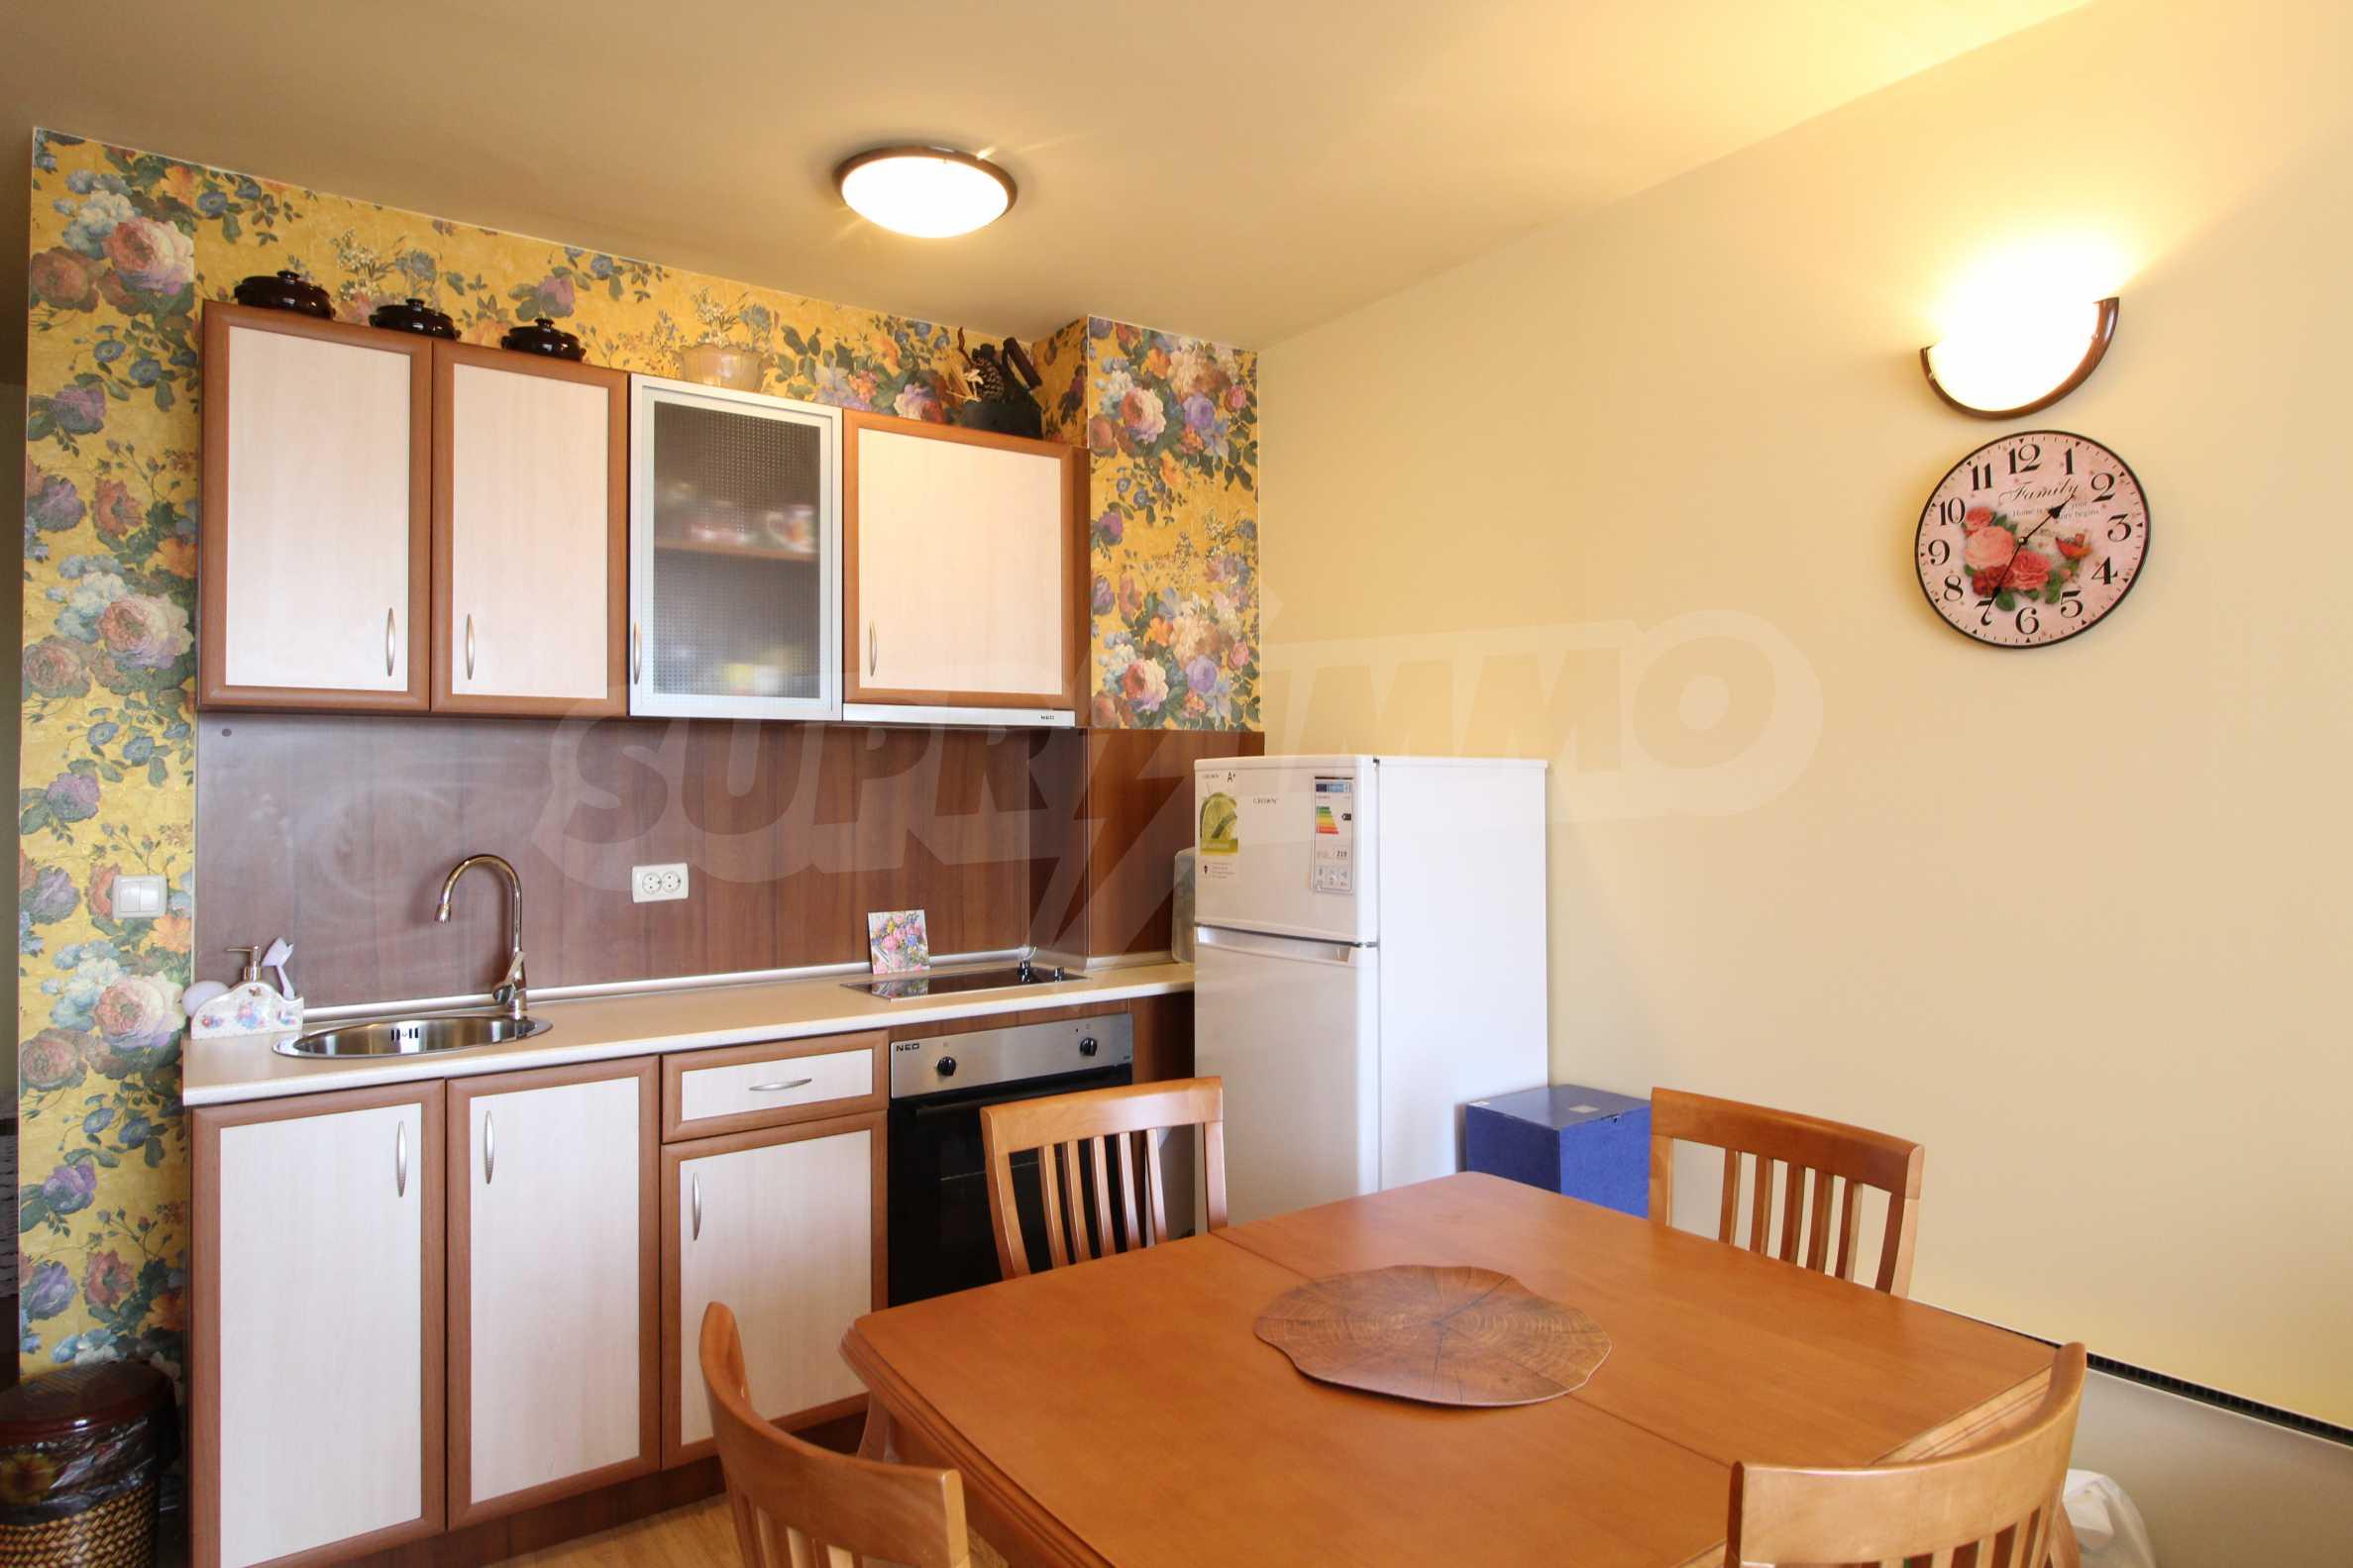 Нов едностаен апартамент в ски курорта Банско 4